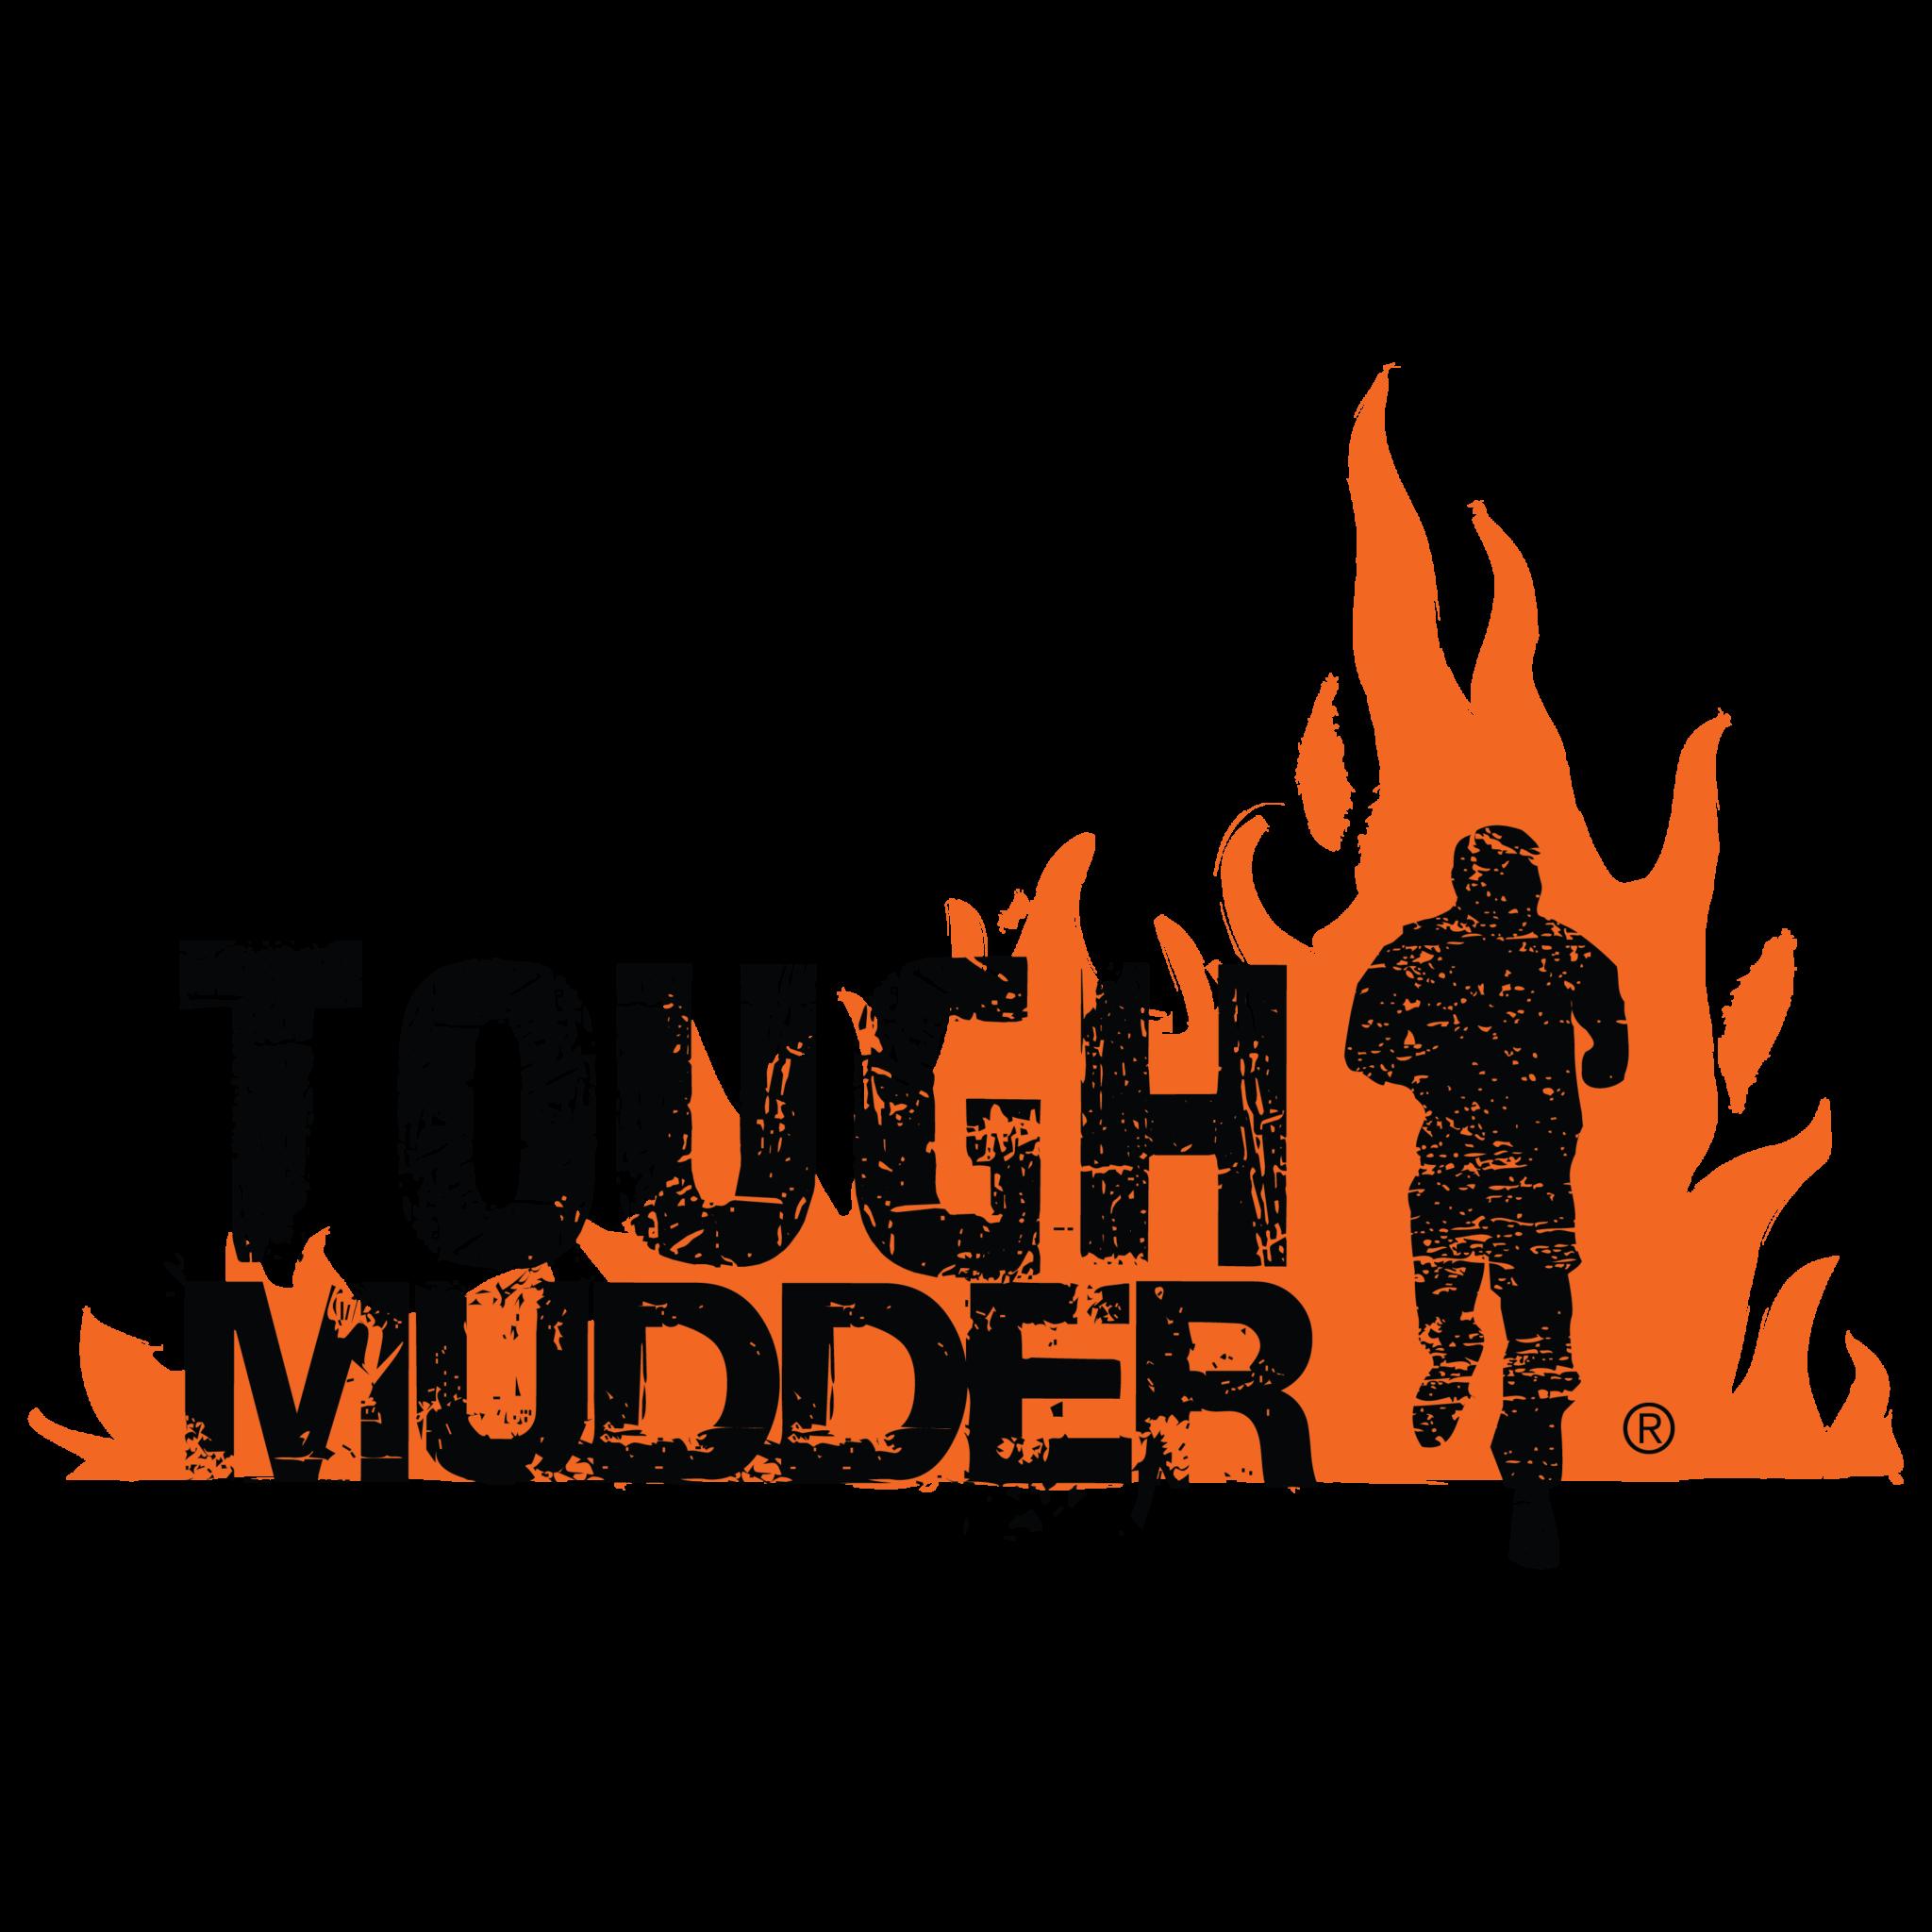 Tough mudder Logos.